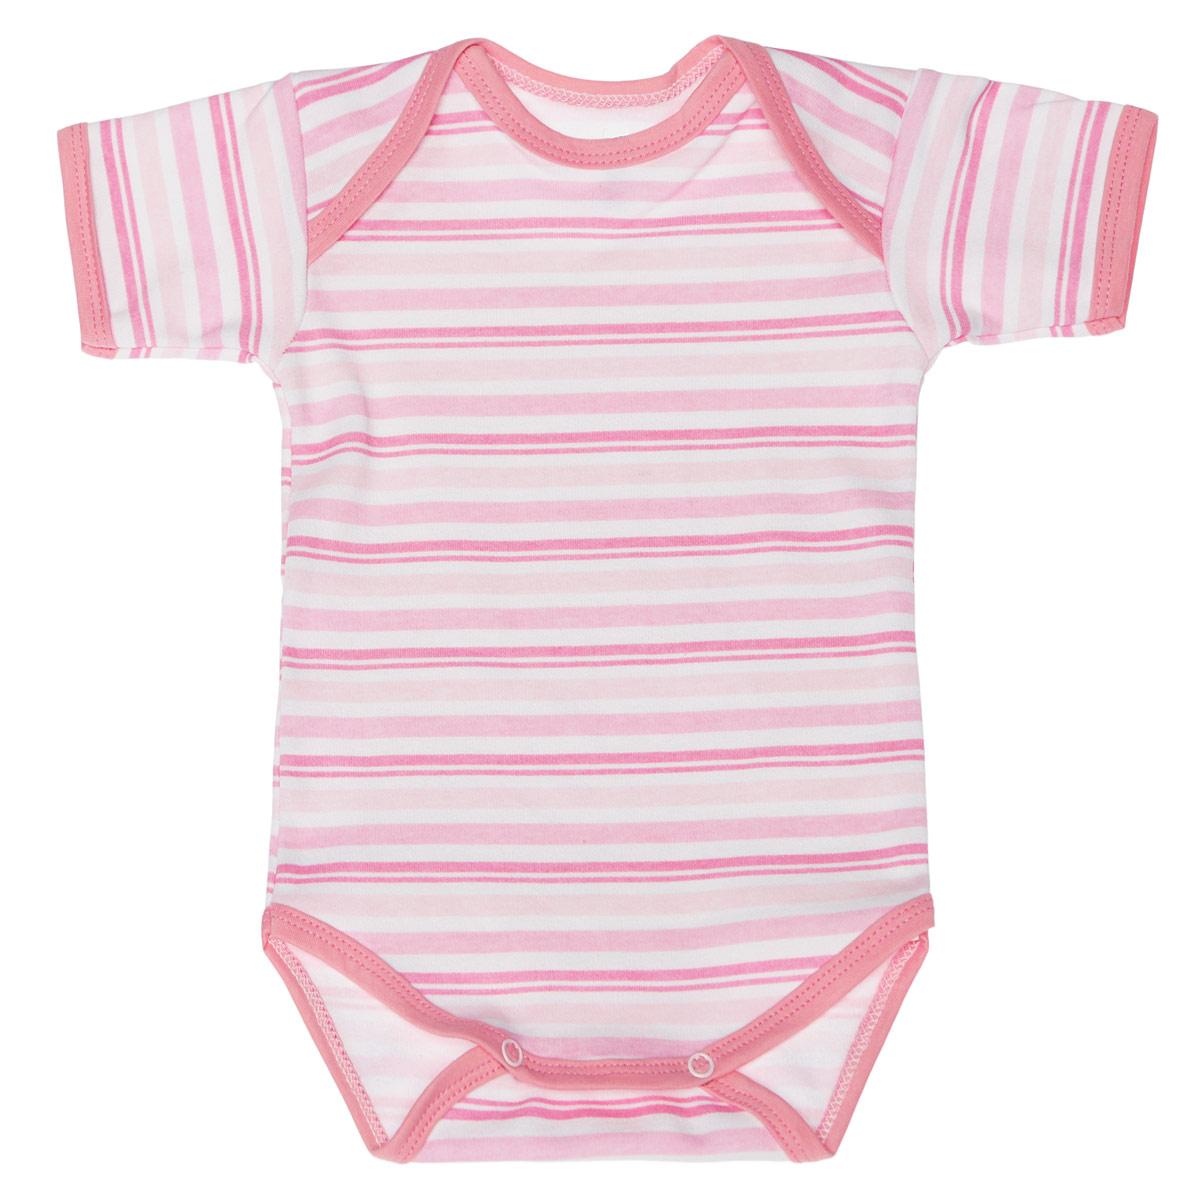 Боди-футболка детская Трон-плюс, цвет: розовый, белый. 5873_полоска. Размер 68, 6 месяцев5873_полоскаУдобное детское боди-футболка Трон-плюс послужит идеальным дополнением к гардеробу вашего крохи, обеспечивая ему наибольший комфорт. Боди с короткими рукавами и круглым вырезом горловины изготовлено из интерлока -натурального хлопка, благодаря чему оно необычайно мягкое и легкое, не раздражает нежную кожу ребенка и хорошо вентилируется, а эластичные швы приятны телу младенца и не препятствуют его движениям. Удобные запахи на плечах и кнопки на ластовице помогают легко переодеть ребенка или сменить подгузник. Вырез горловины, запахи, низ рукавов и ластовица дополнены бейкой. Оформлена модель принтом в полоску. Боди полностью соответствует особенностям жизни ребенка в ранний период, не стесняя и не ограничивая его в движениях. В нем ваш ребенок всегда будет в центре внимания.